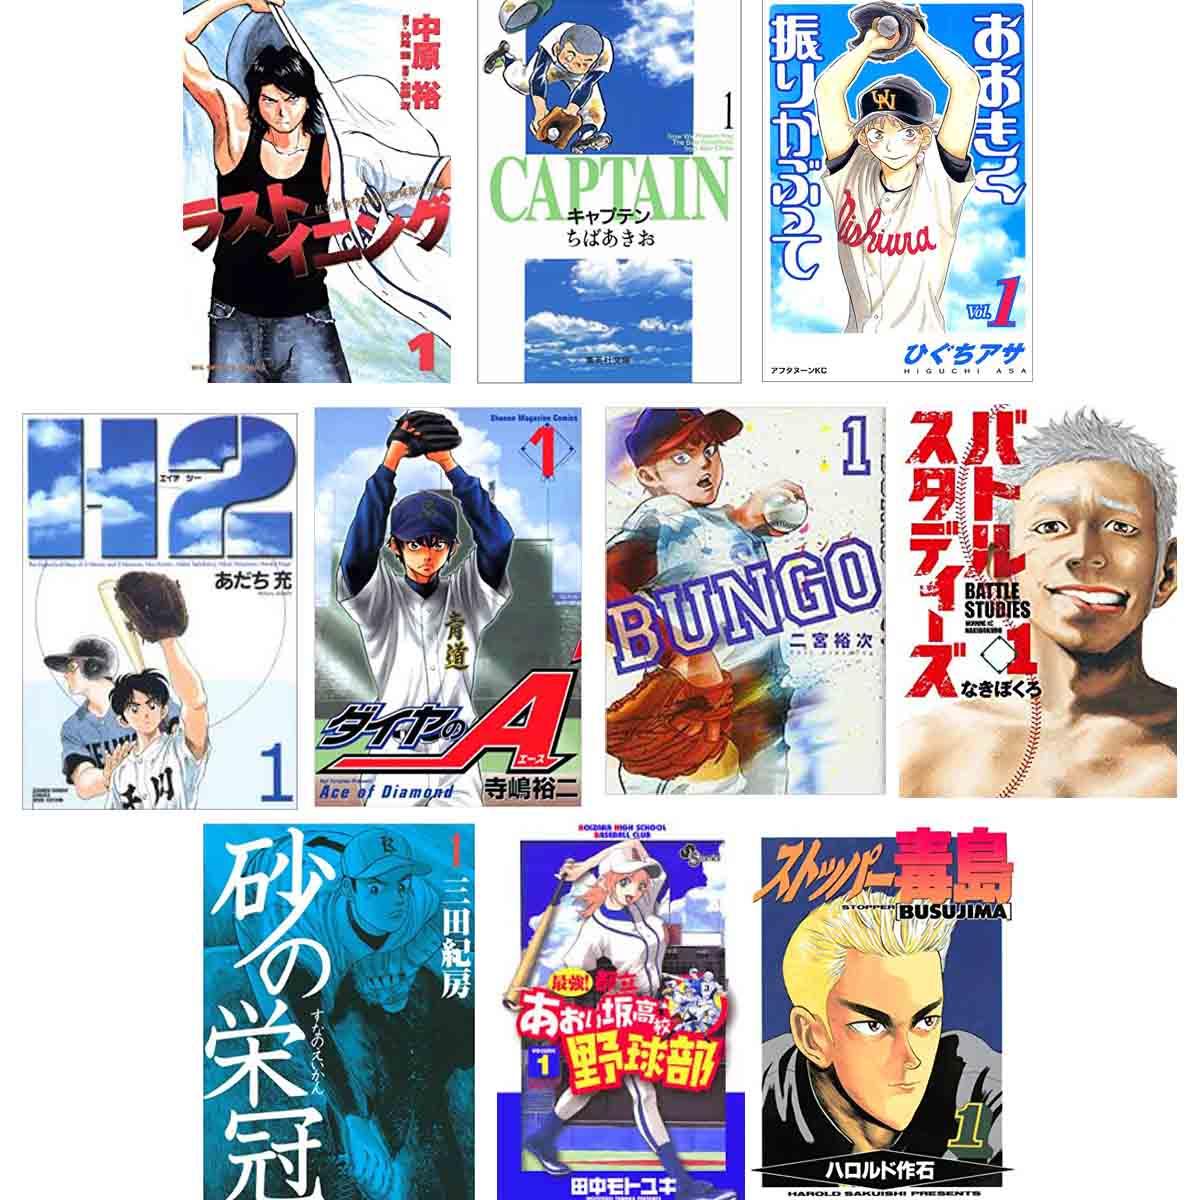 夏の甲子園開幕! 王道からアウトローまで、熱くなれる野球漫画10選